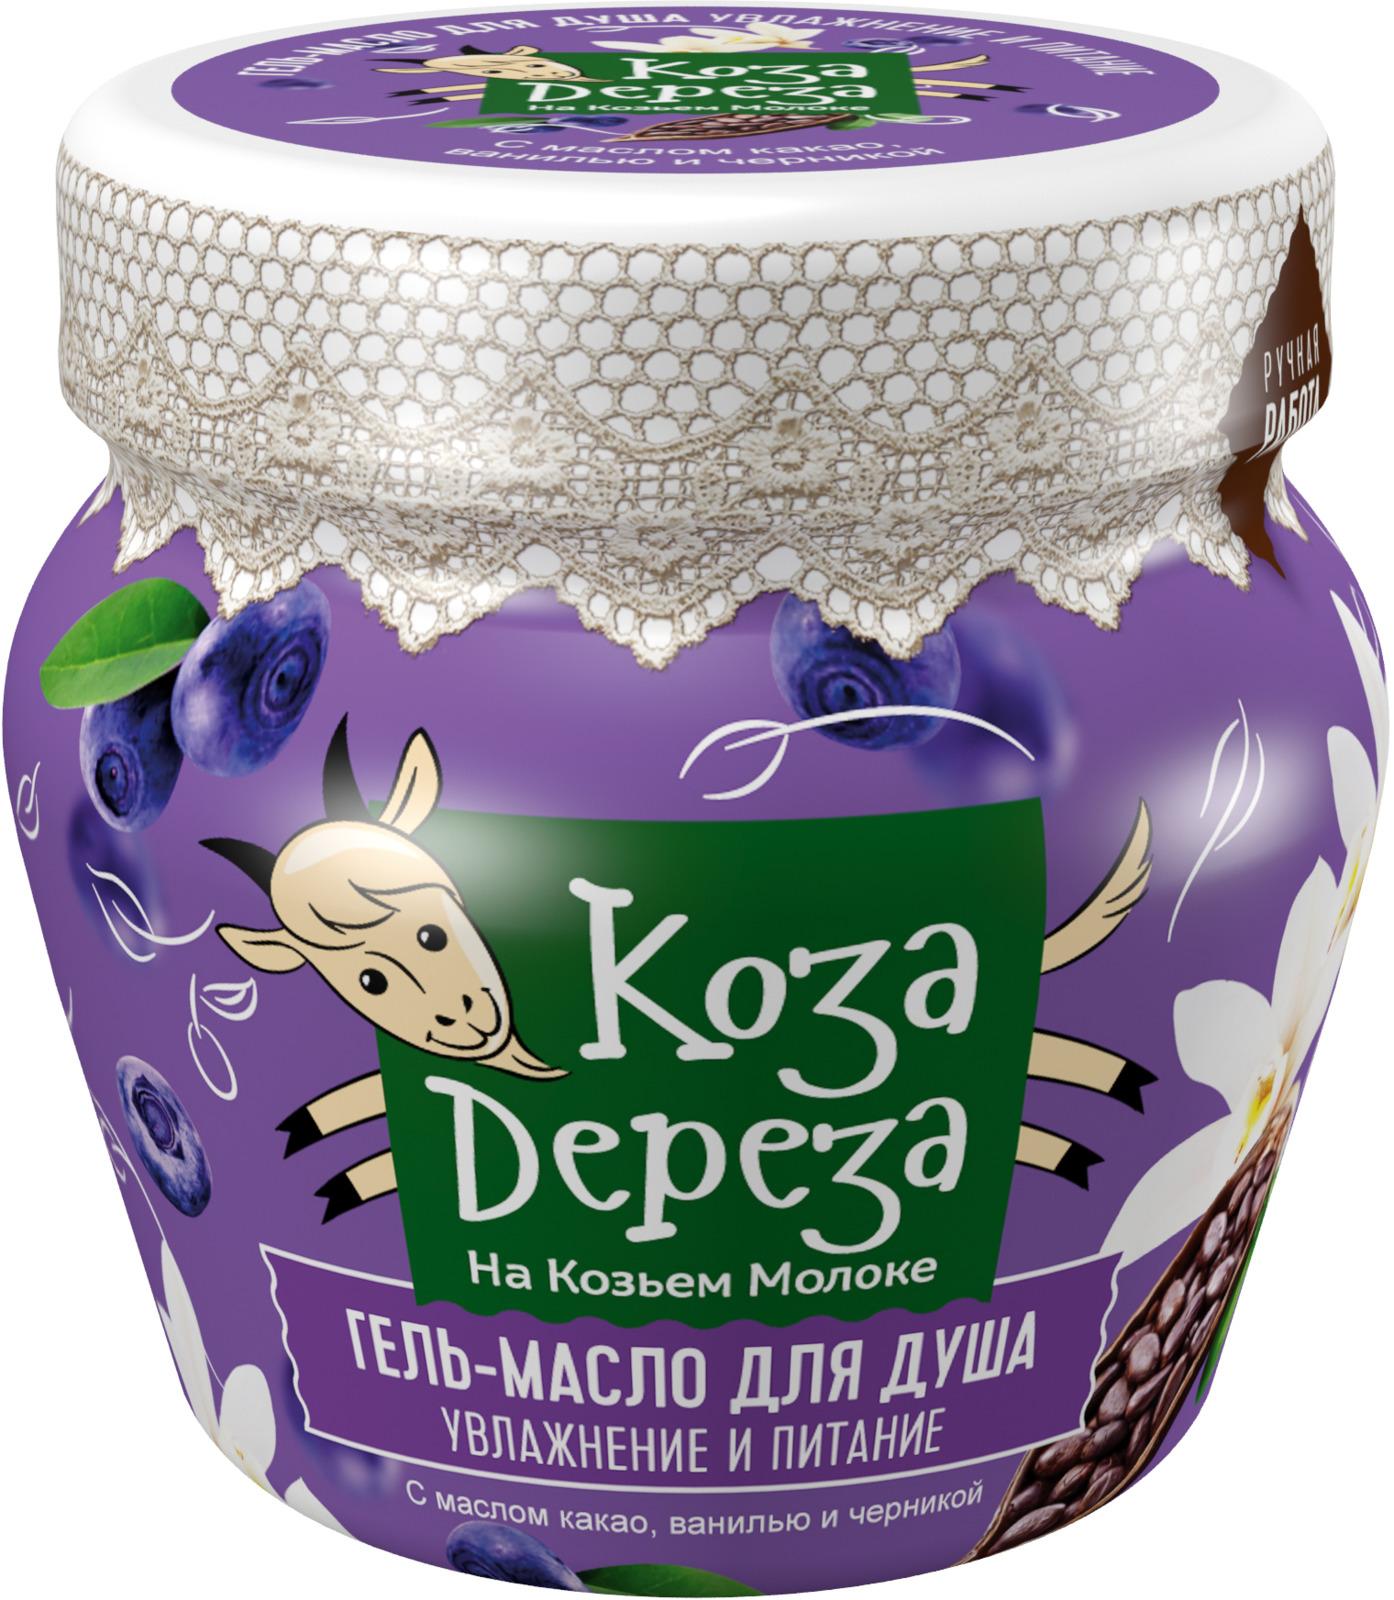 Гель-масло для душа Fito Косметик Коза Дереза. Увлажнение и питание, 175 мл глина для лица тела и волос fito косметик коза дереза белая алтайская 175 мл